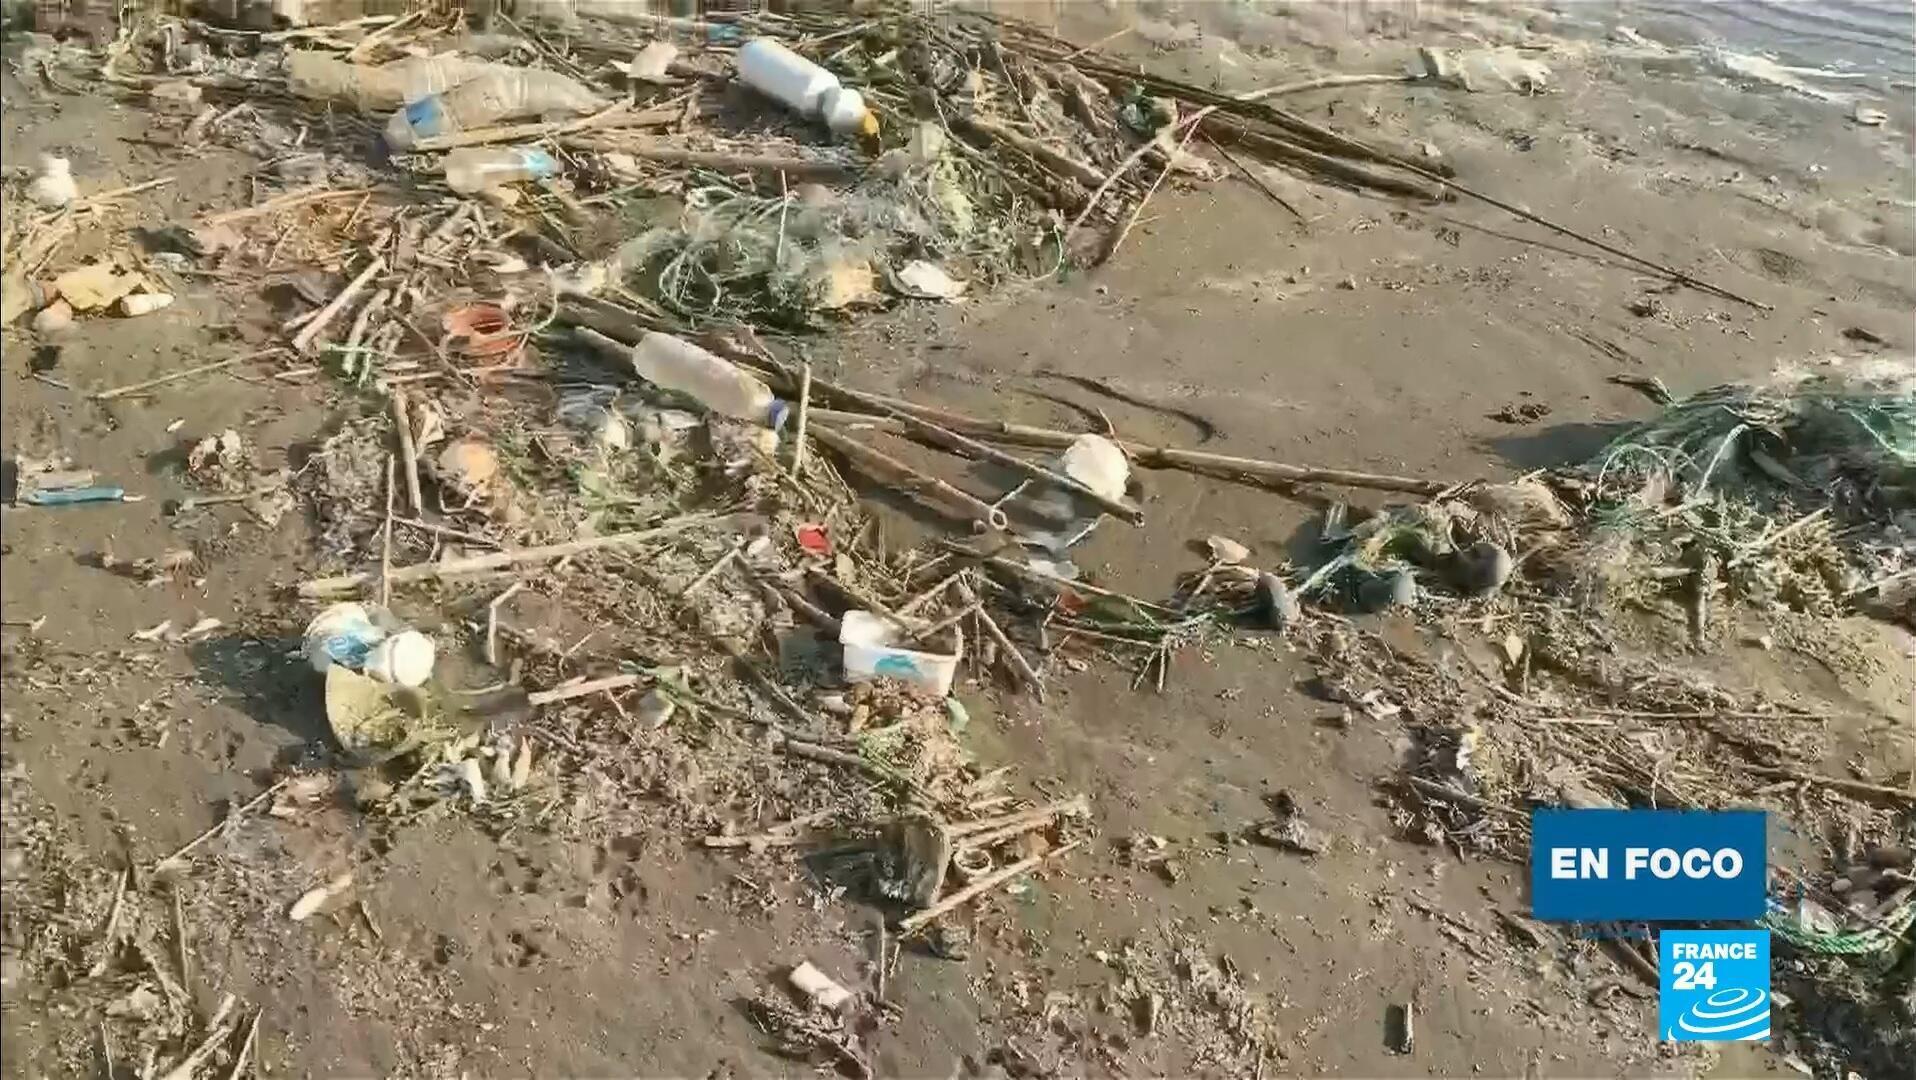 en foco - basura playas turcas